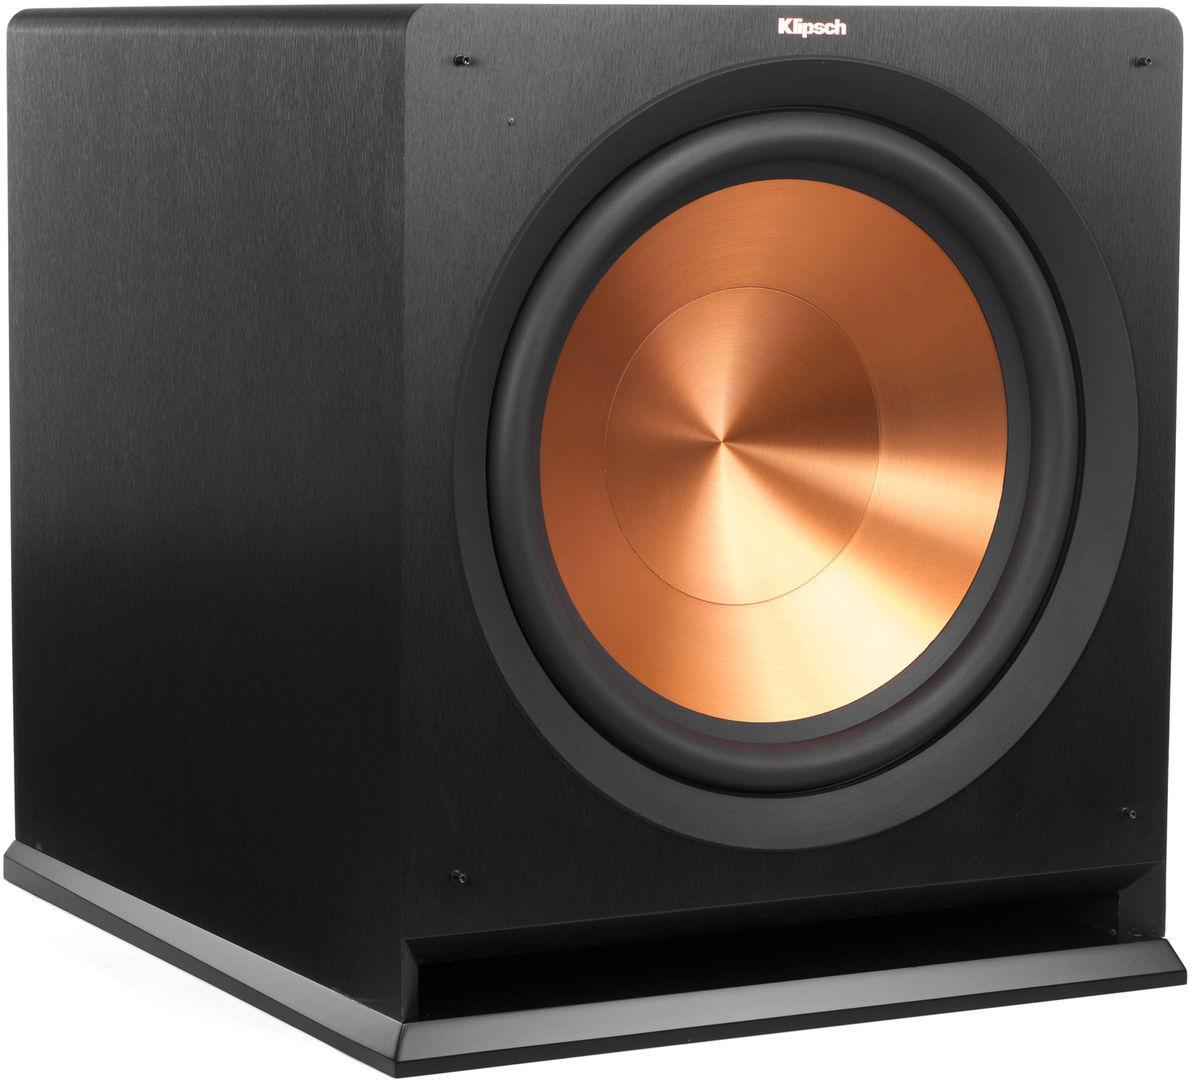 Sélection d'articles en promotion - Ex: Caisson de Basses Bass-reflex Klipsch R-115SW 400 / 800W, HP 36cm Cerametallic (32,8kg)